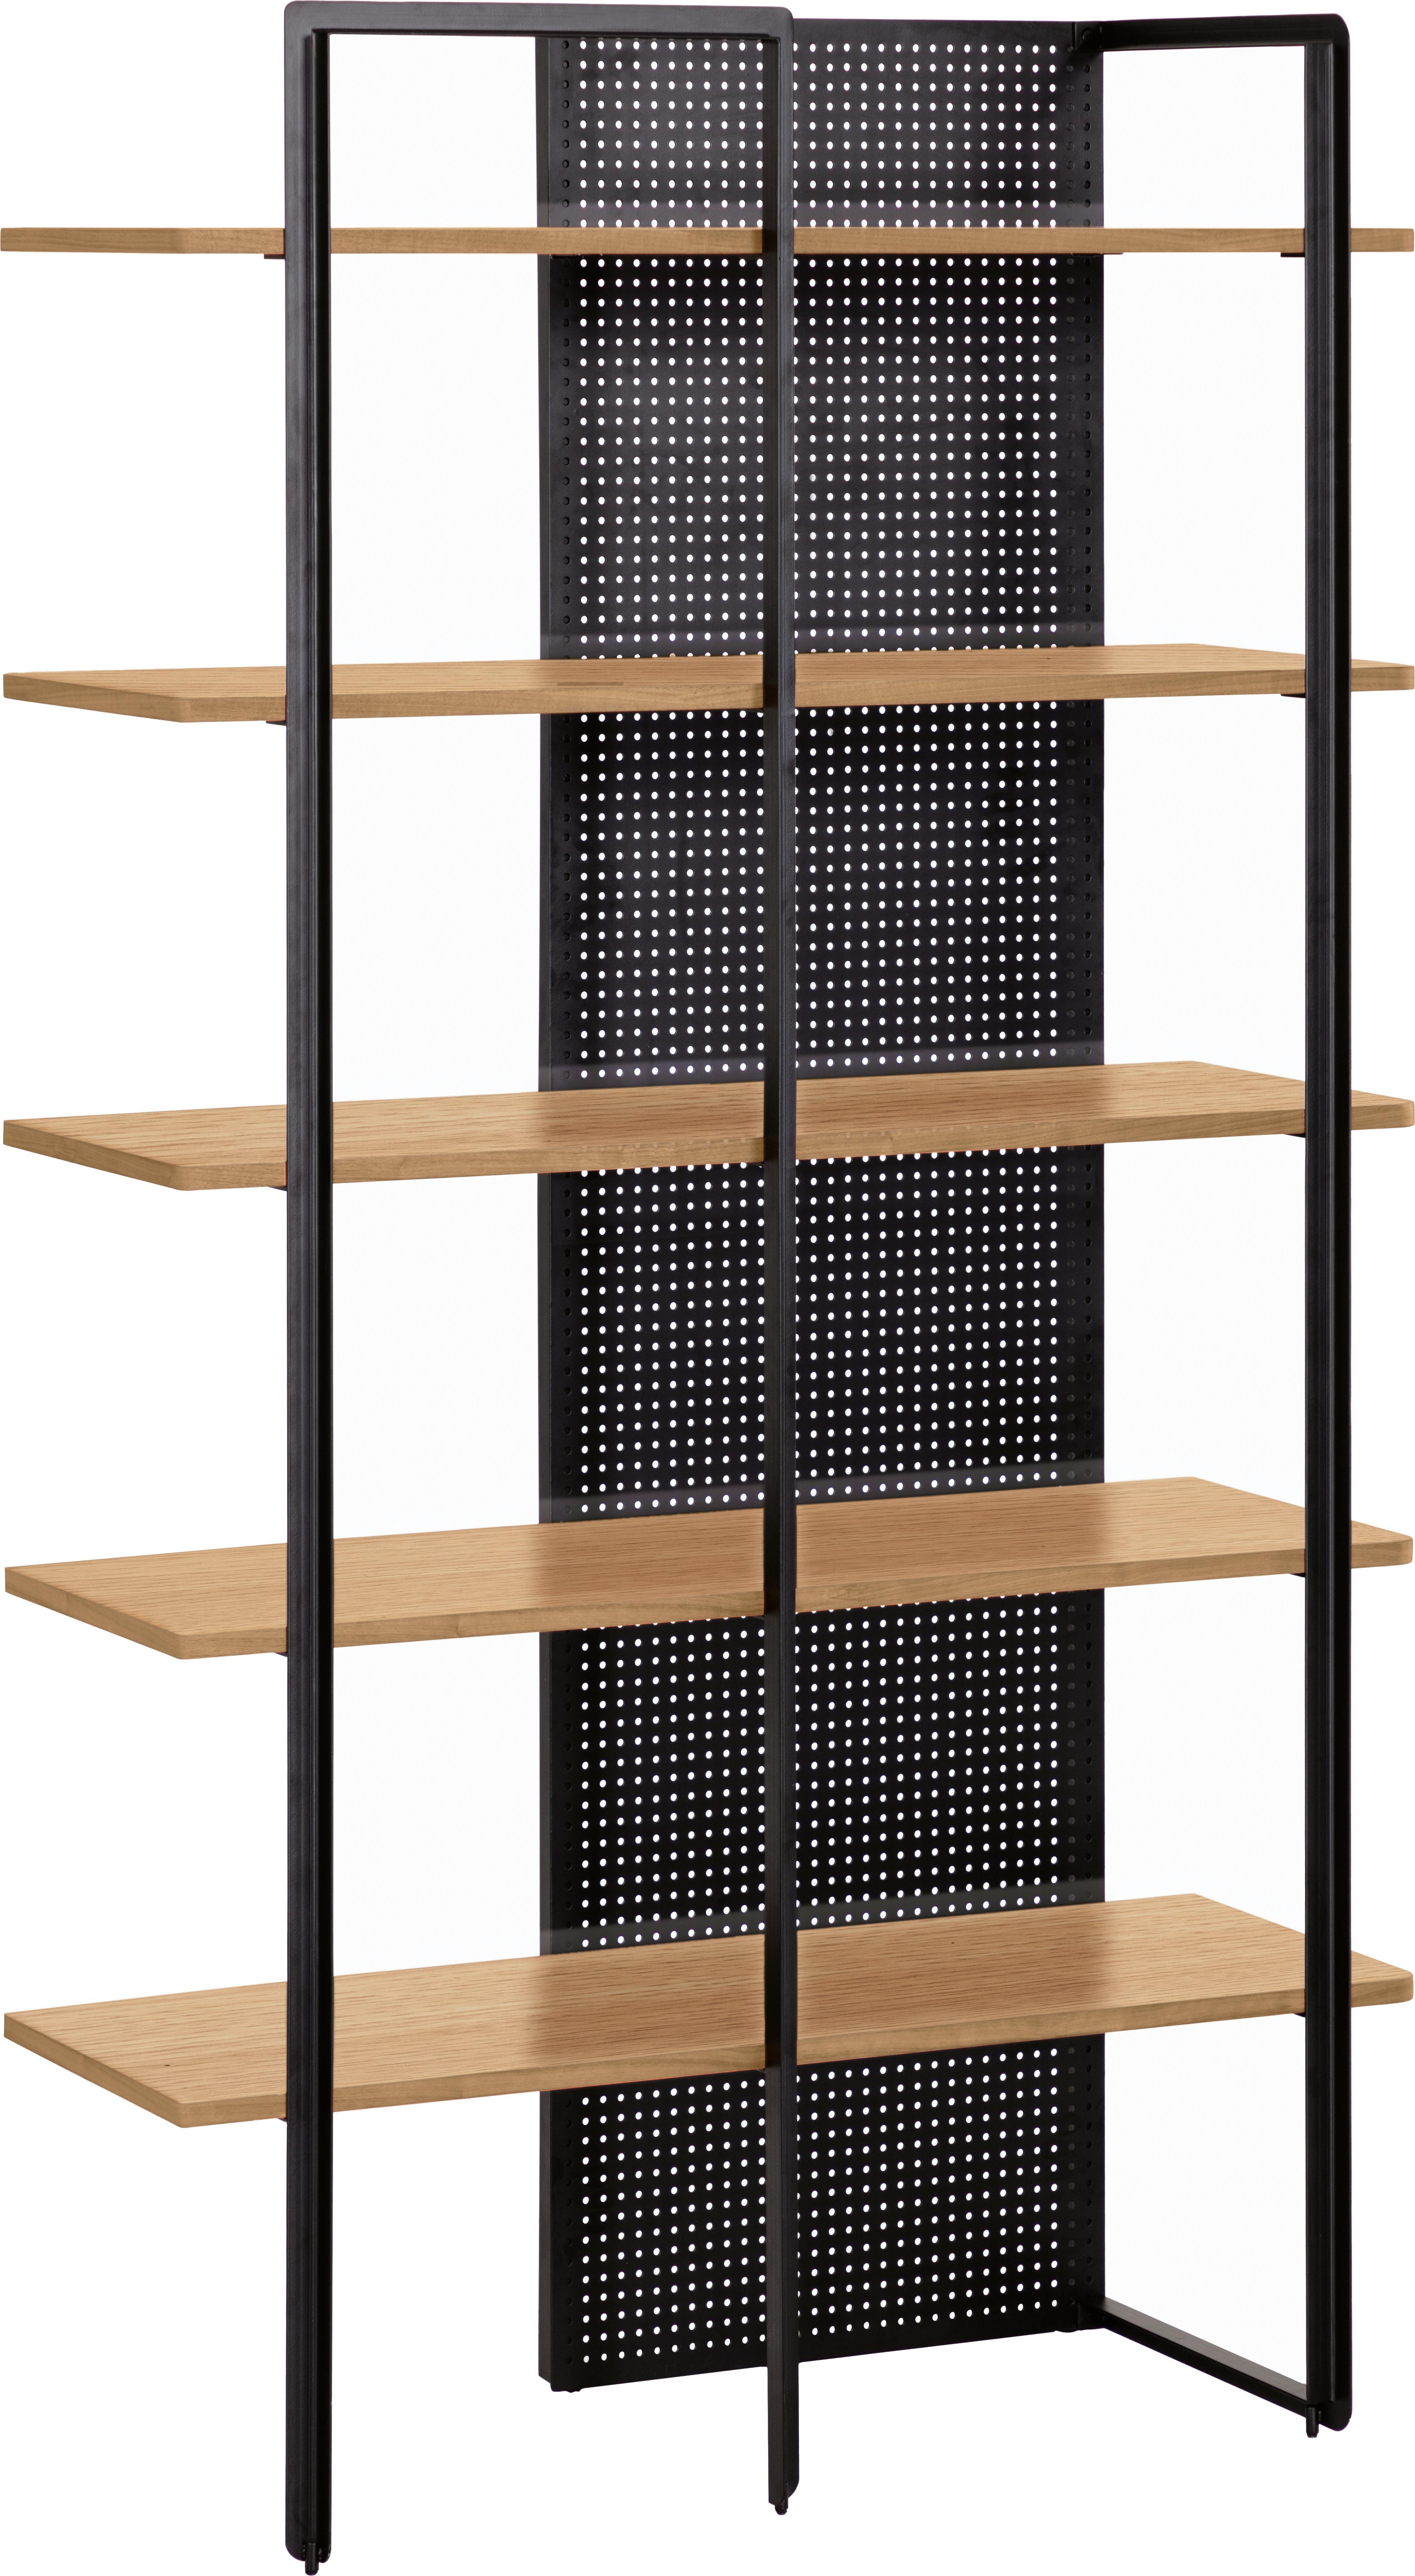 Scaffale industriale in legno e metallo Nadyria, Struttura: metallo verniciato, Ripiani: pannello di fibra a media, Nero, marrone scuro, Larg. 100 x Alt. 180 cm